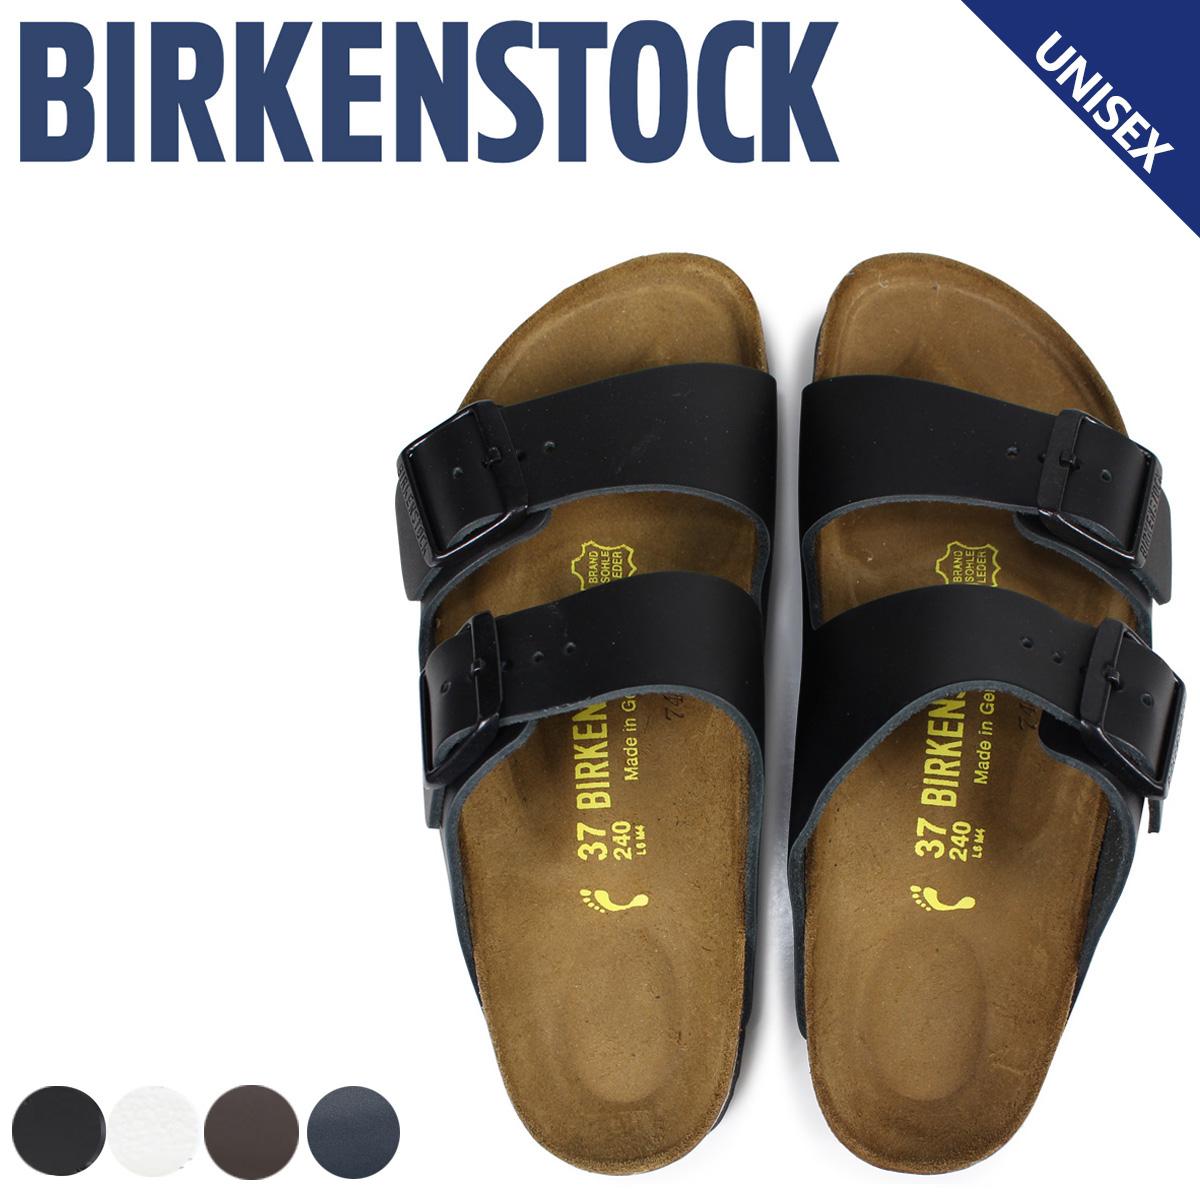 BIRKENSTOCK ARIZONA ビルケンシュトックアリゾナサンダルメンズレディースビルケン thin normal width